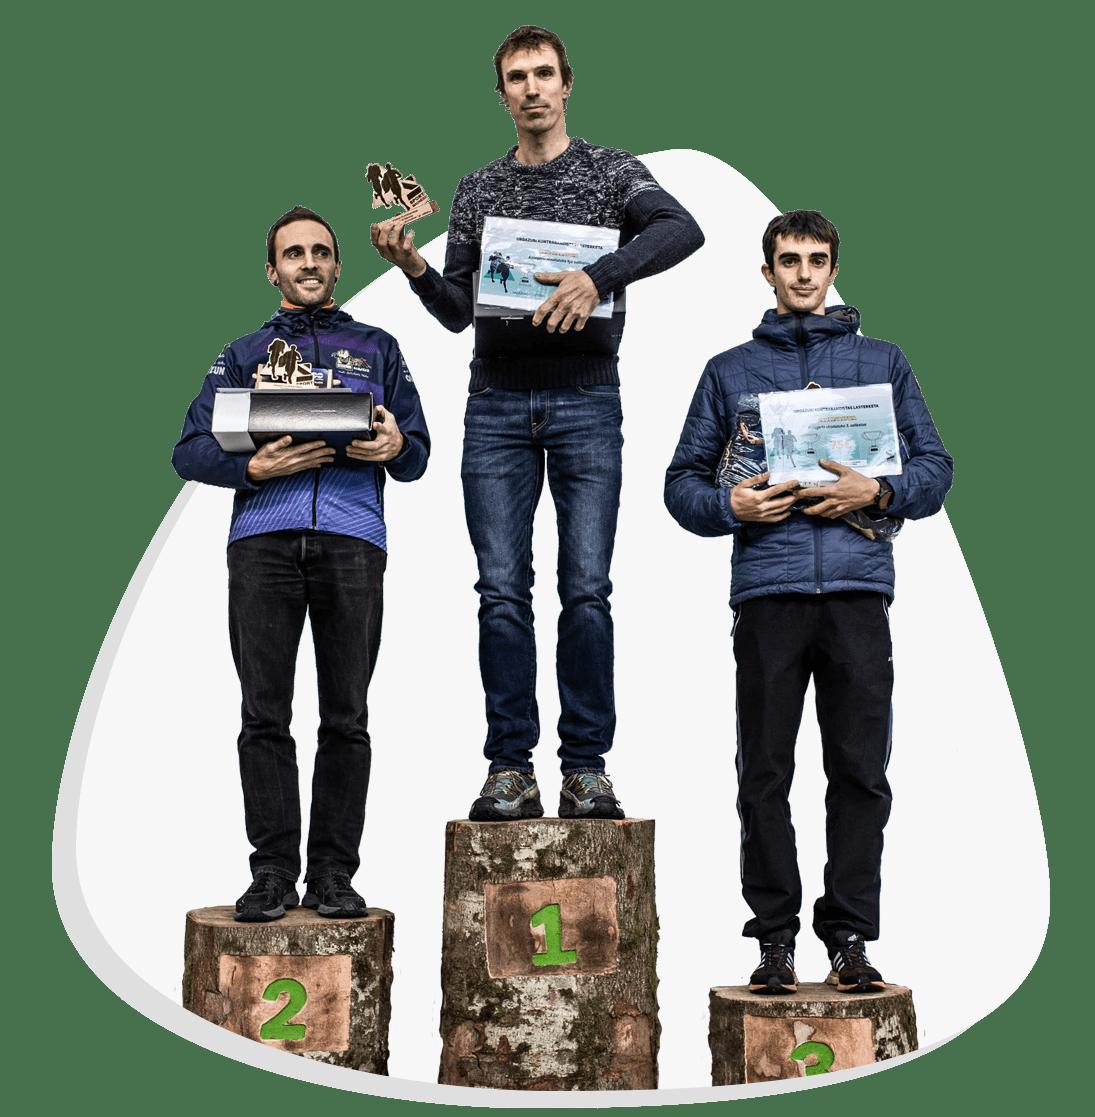 mancha-podium